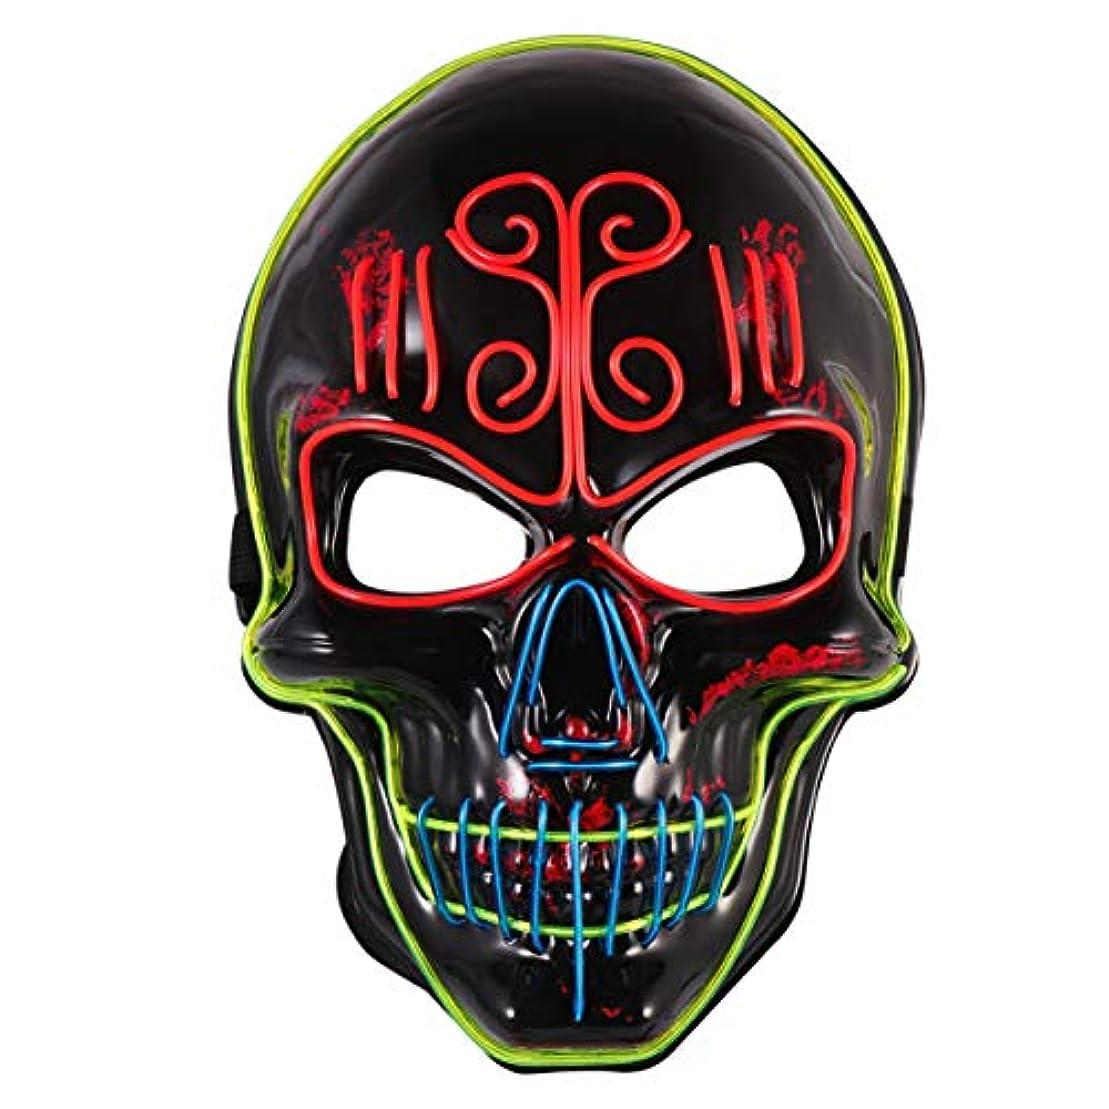 忘れる古くなった紛争Amosfun ledライトマスク怖いスカルヘッドテロコスプレマスクヘッドカバー発光マスク用ファンシーパーティーハロウィンダンスパーティー